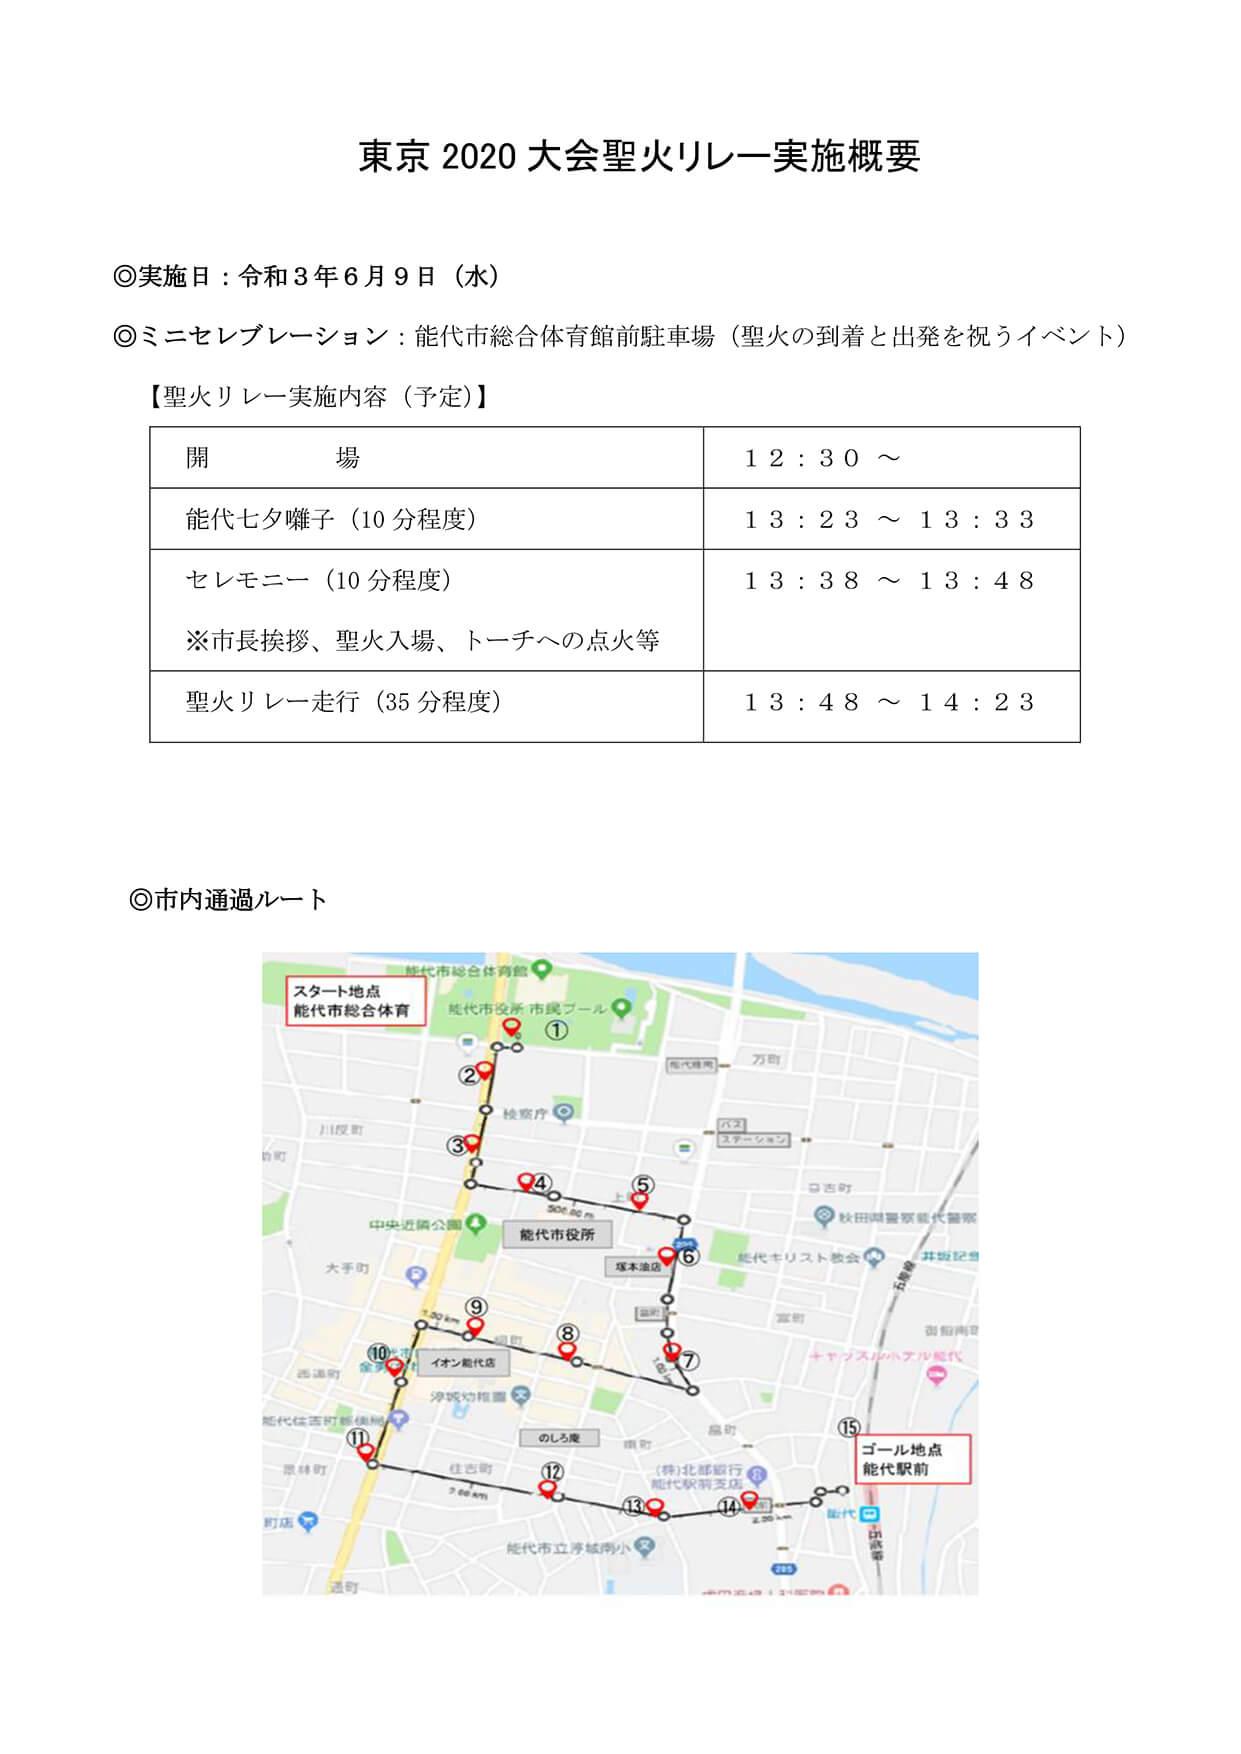 東京 2020 大会聖火リレー実施概要